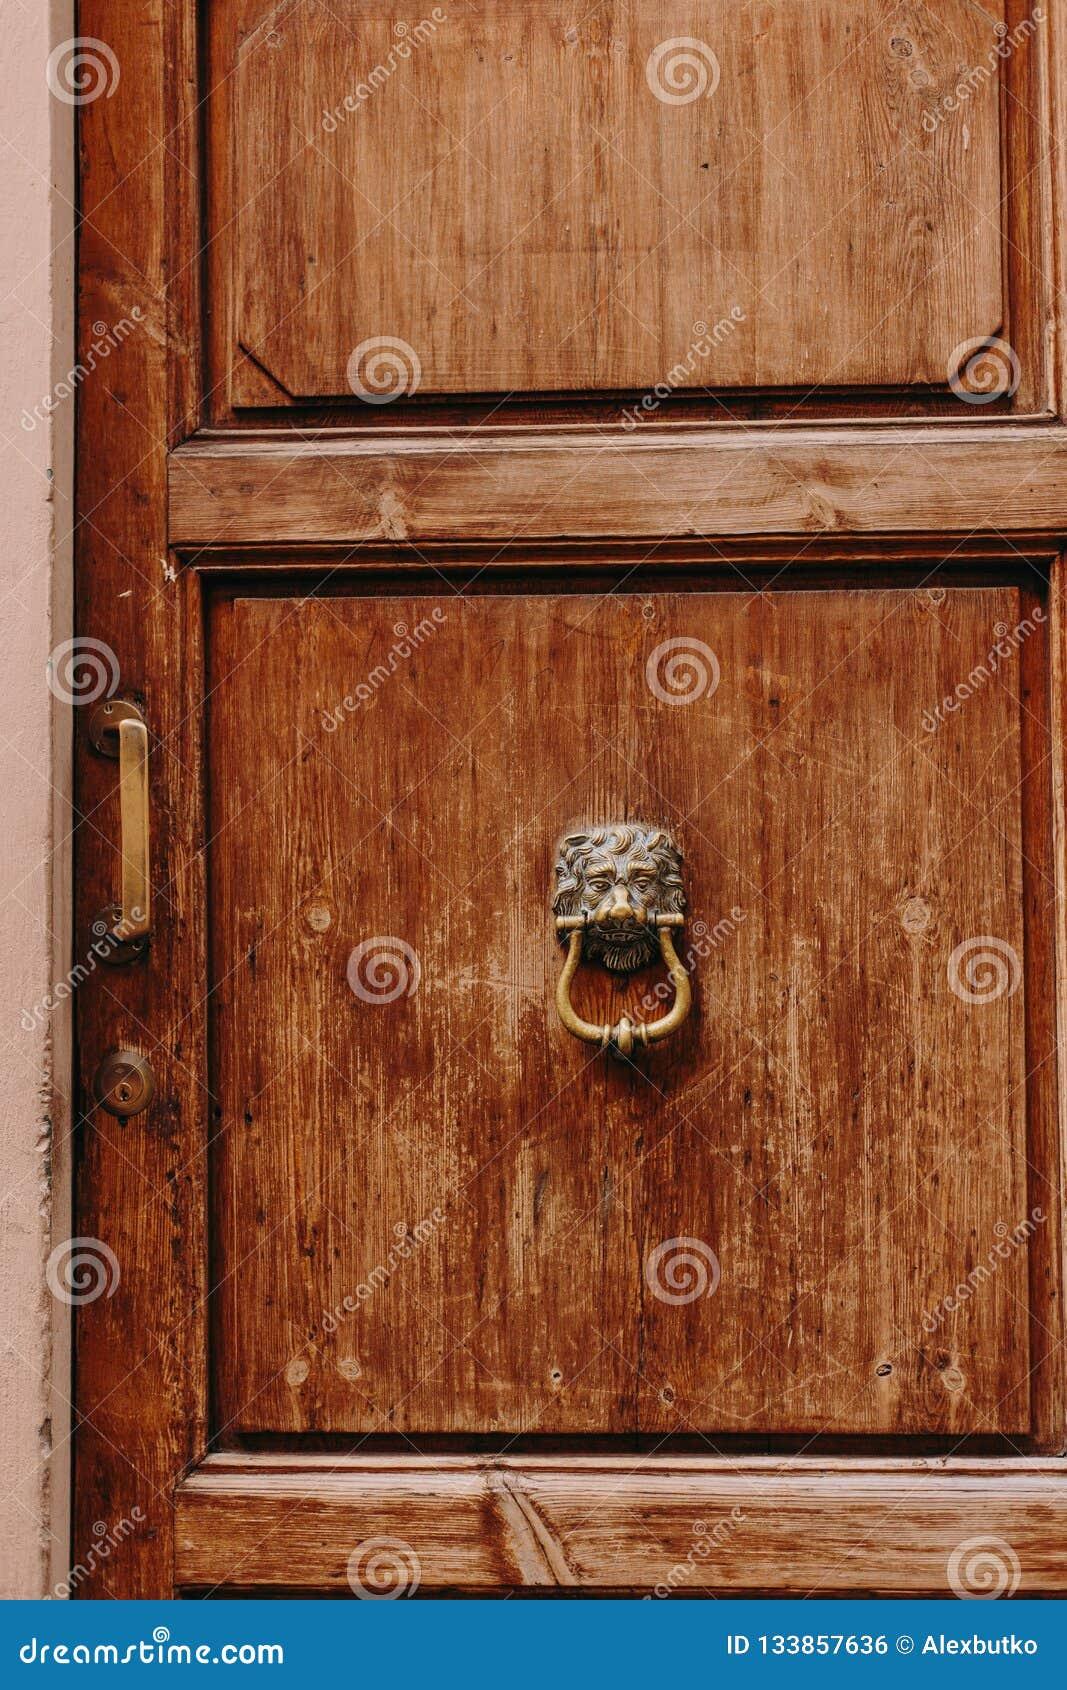 Beautiful antique wooden doors in Italy with metal handles